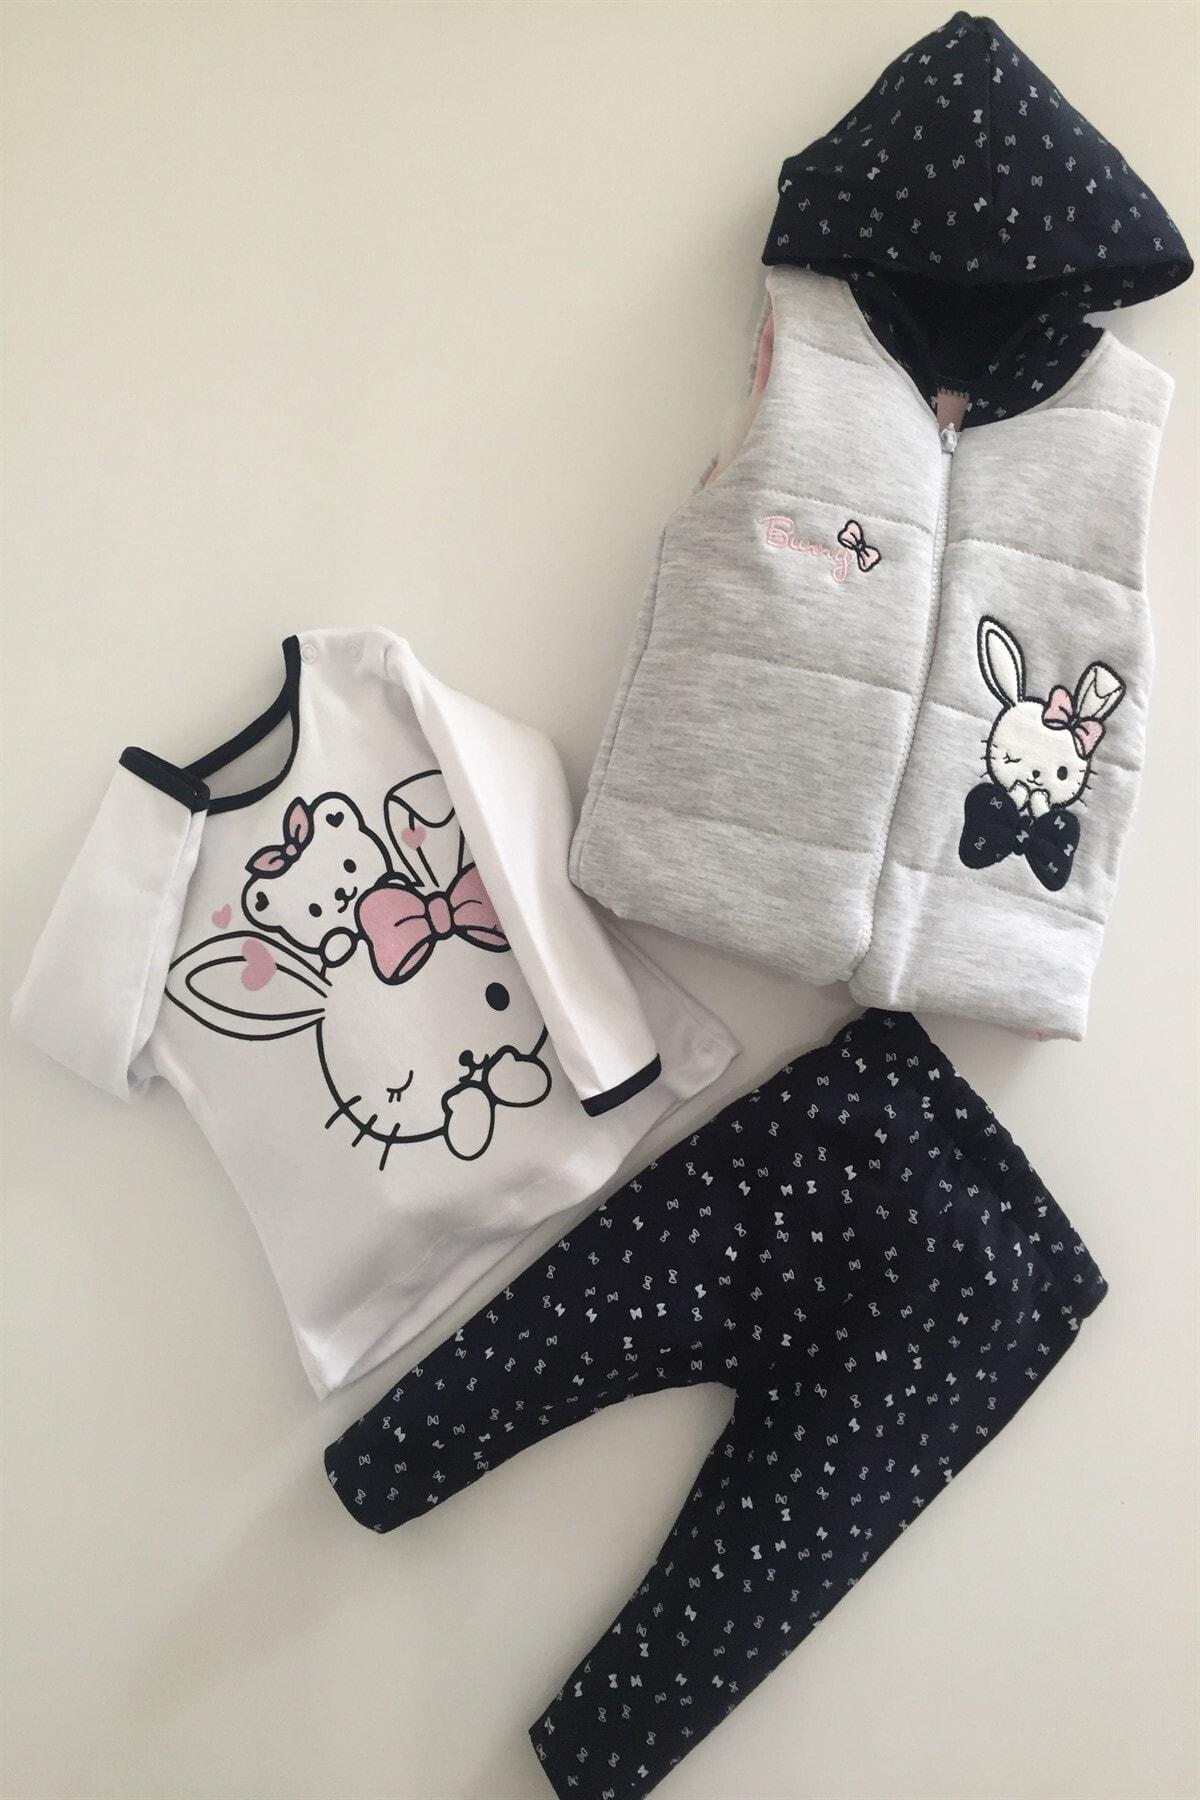 Hippıl Baby Kız Bebek Çocuk Alt Üst Yelek Bunny 3 Parça Takım 6-12-18 Ay 2